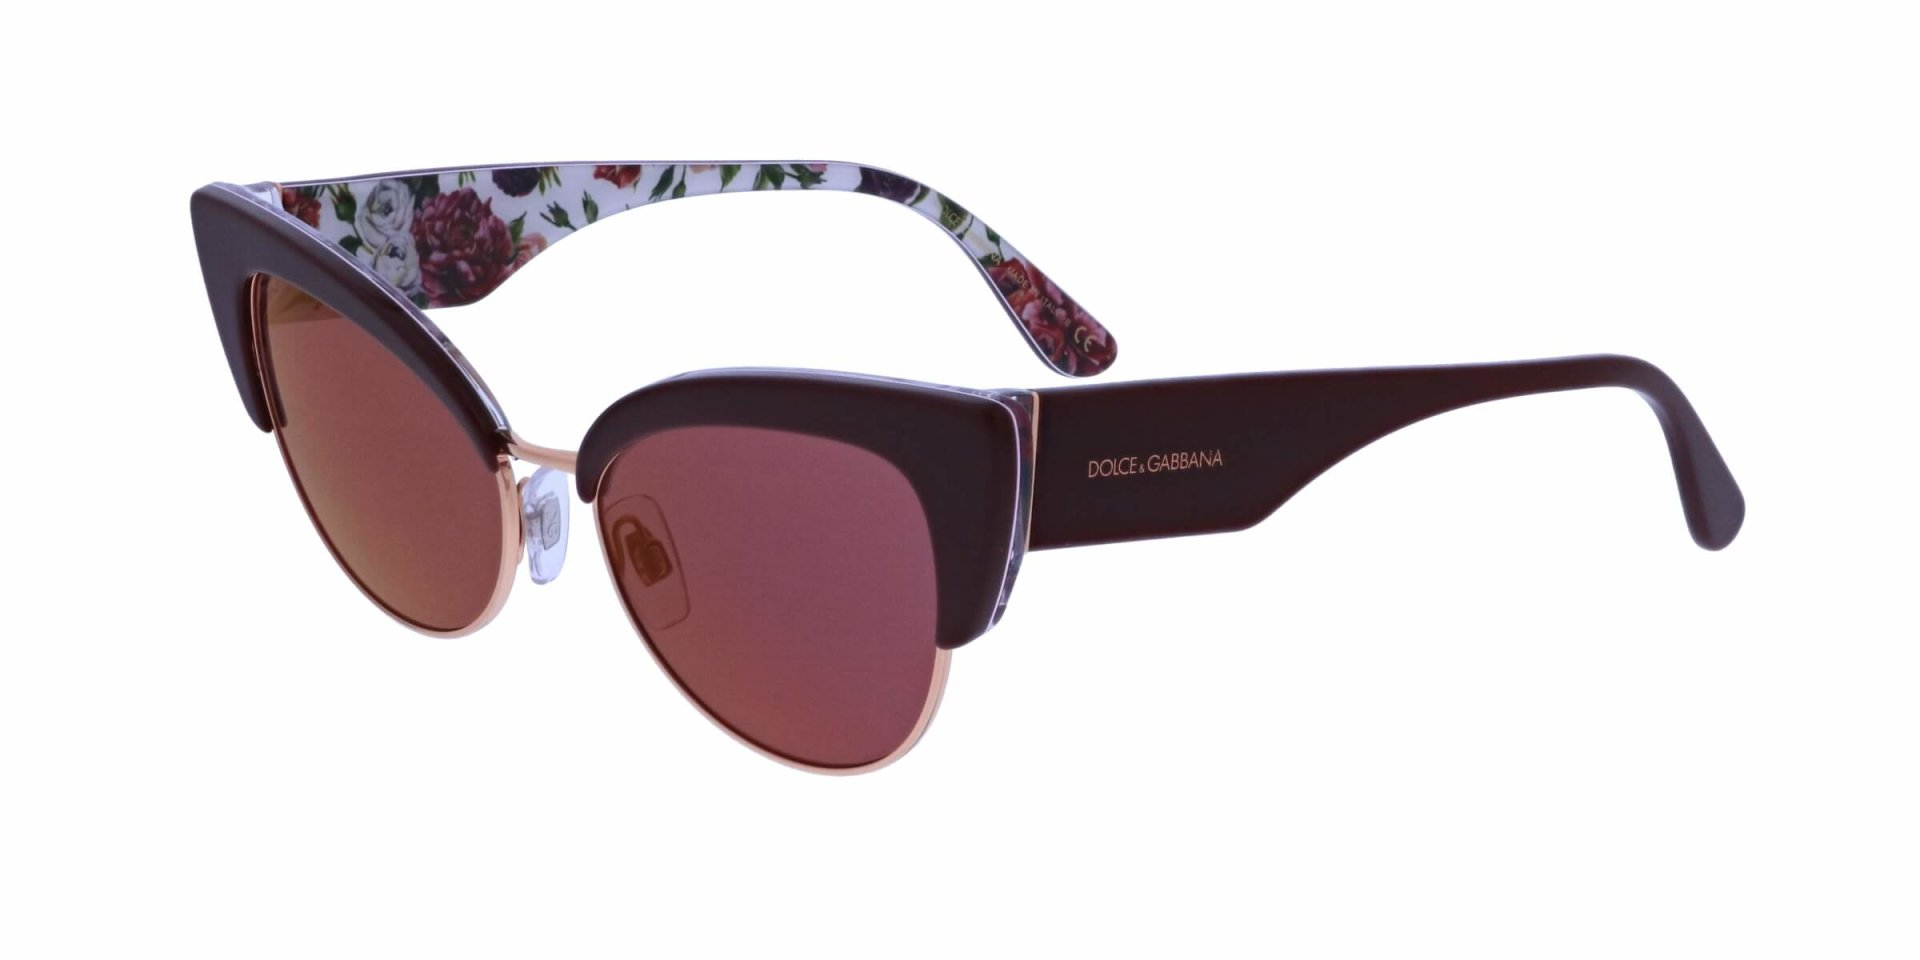 DOLCE&GABBANA DG4346 3202D0